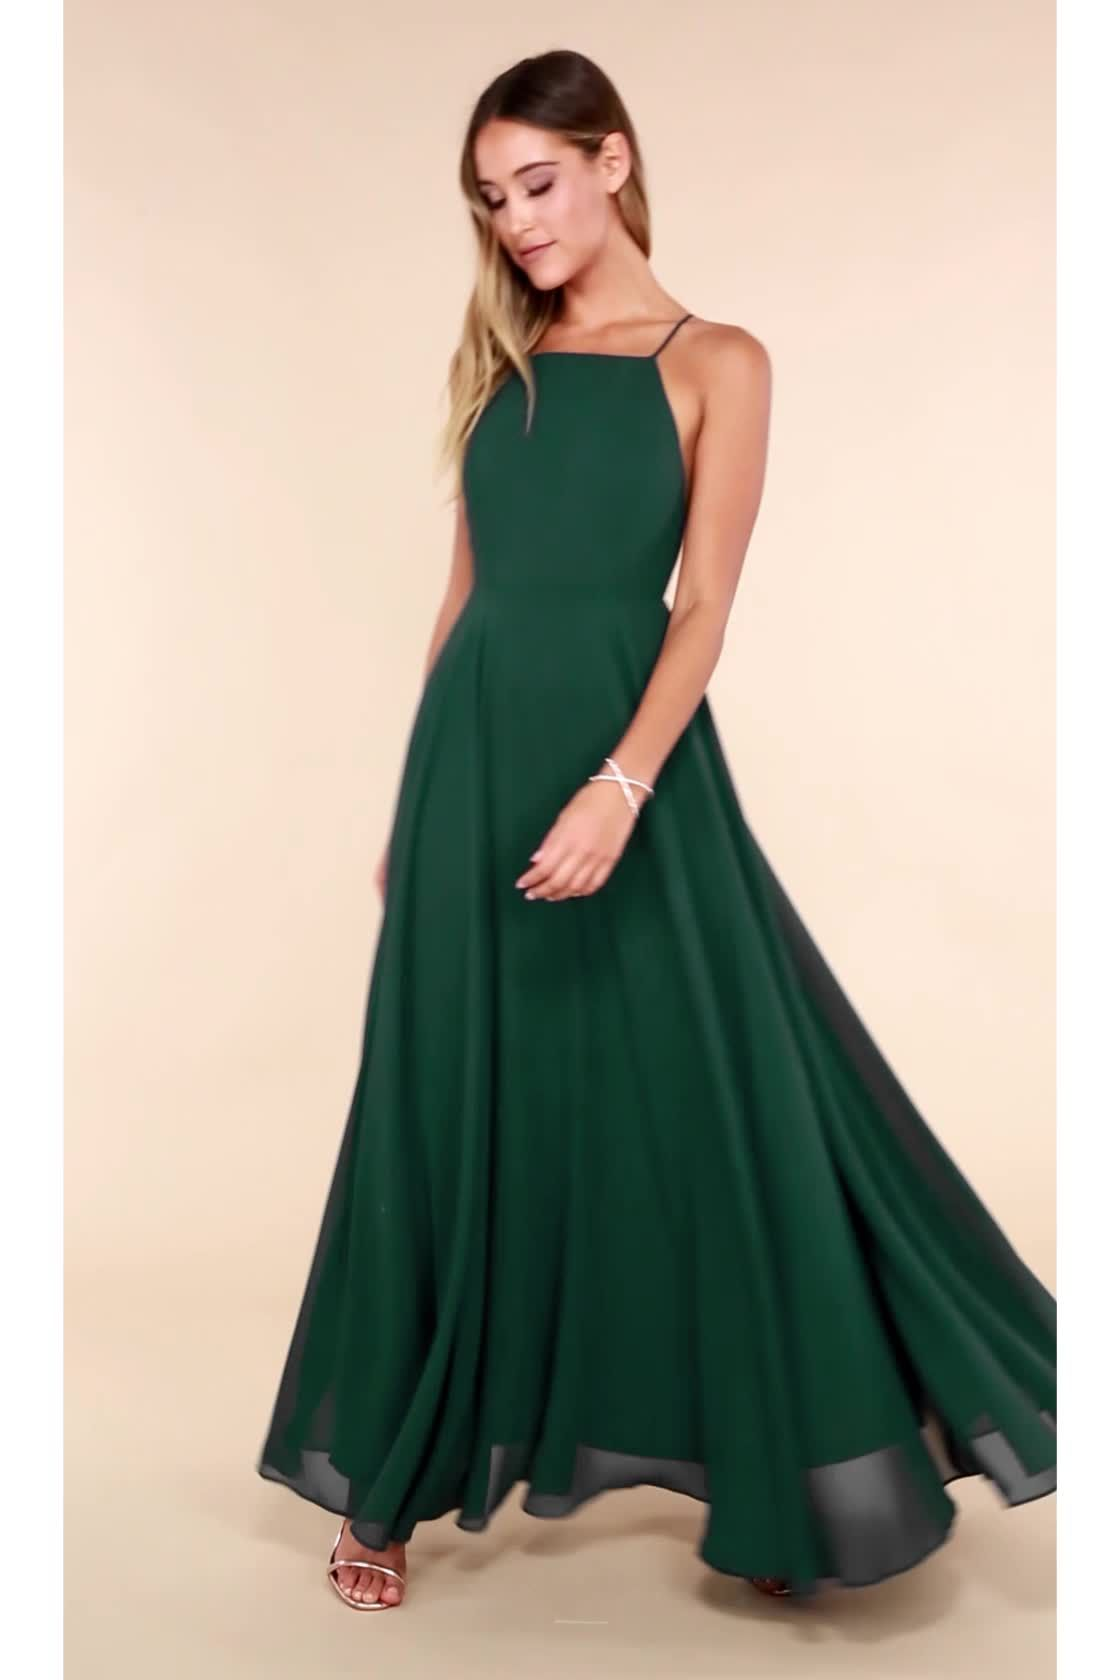 93c27827ad59e Beautiful Dark Green Dress - Maxi Dress - Backless Maxi Dress - $64.00